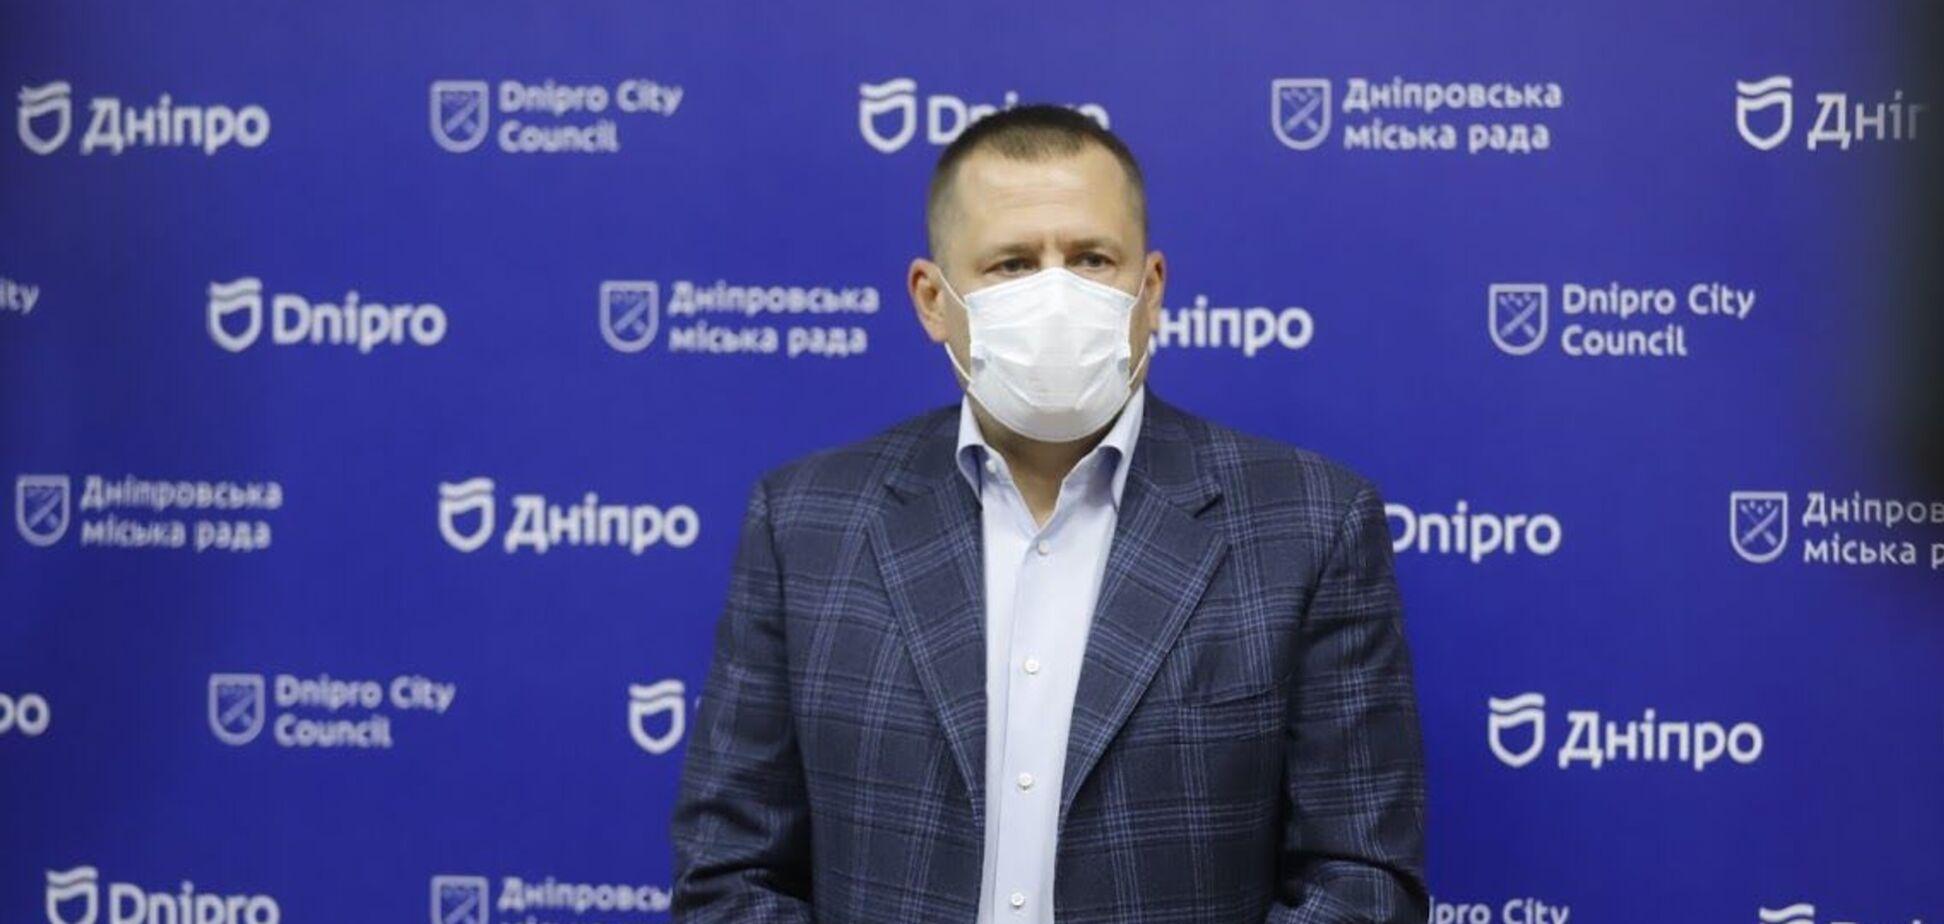 Філатов зобов'язав своїх підлеглих вакцинуватися від коронавірусу